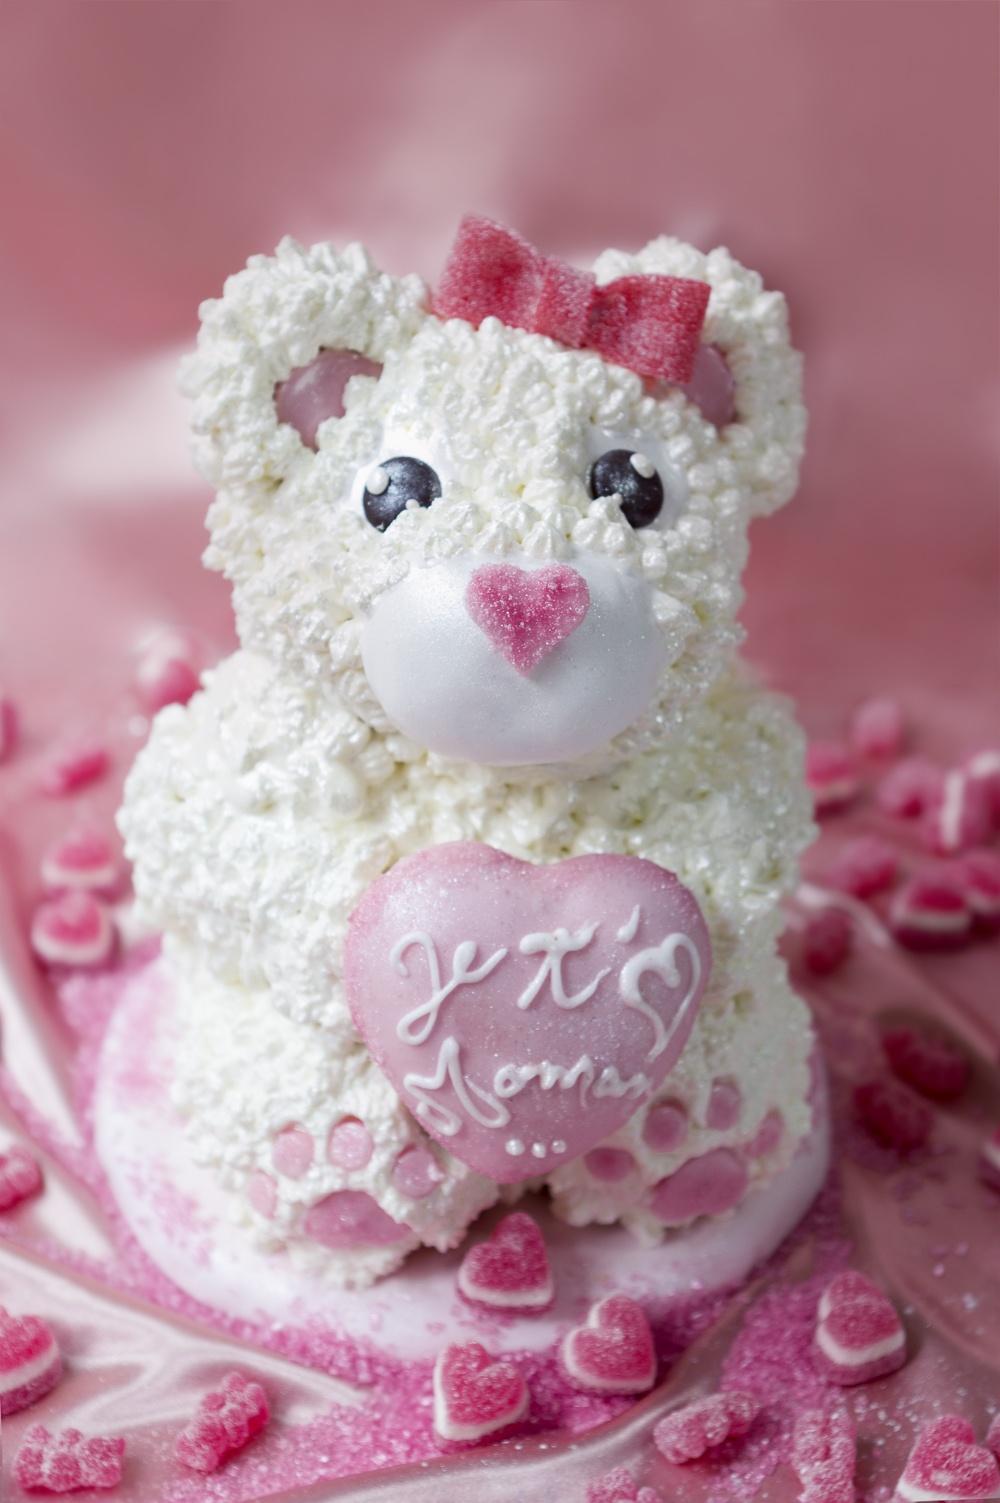 Cake petit ourson je t'aime maman - studio de création - Qui a volé les tartes